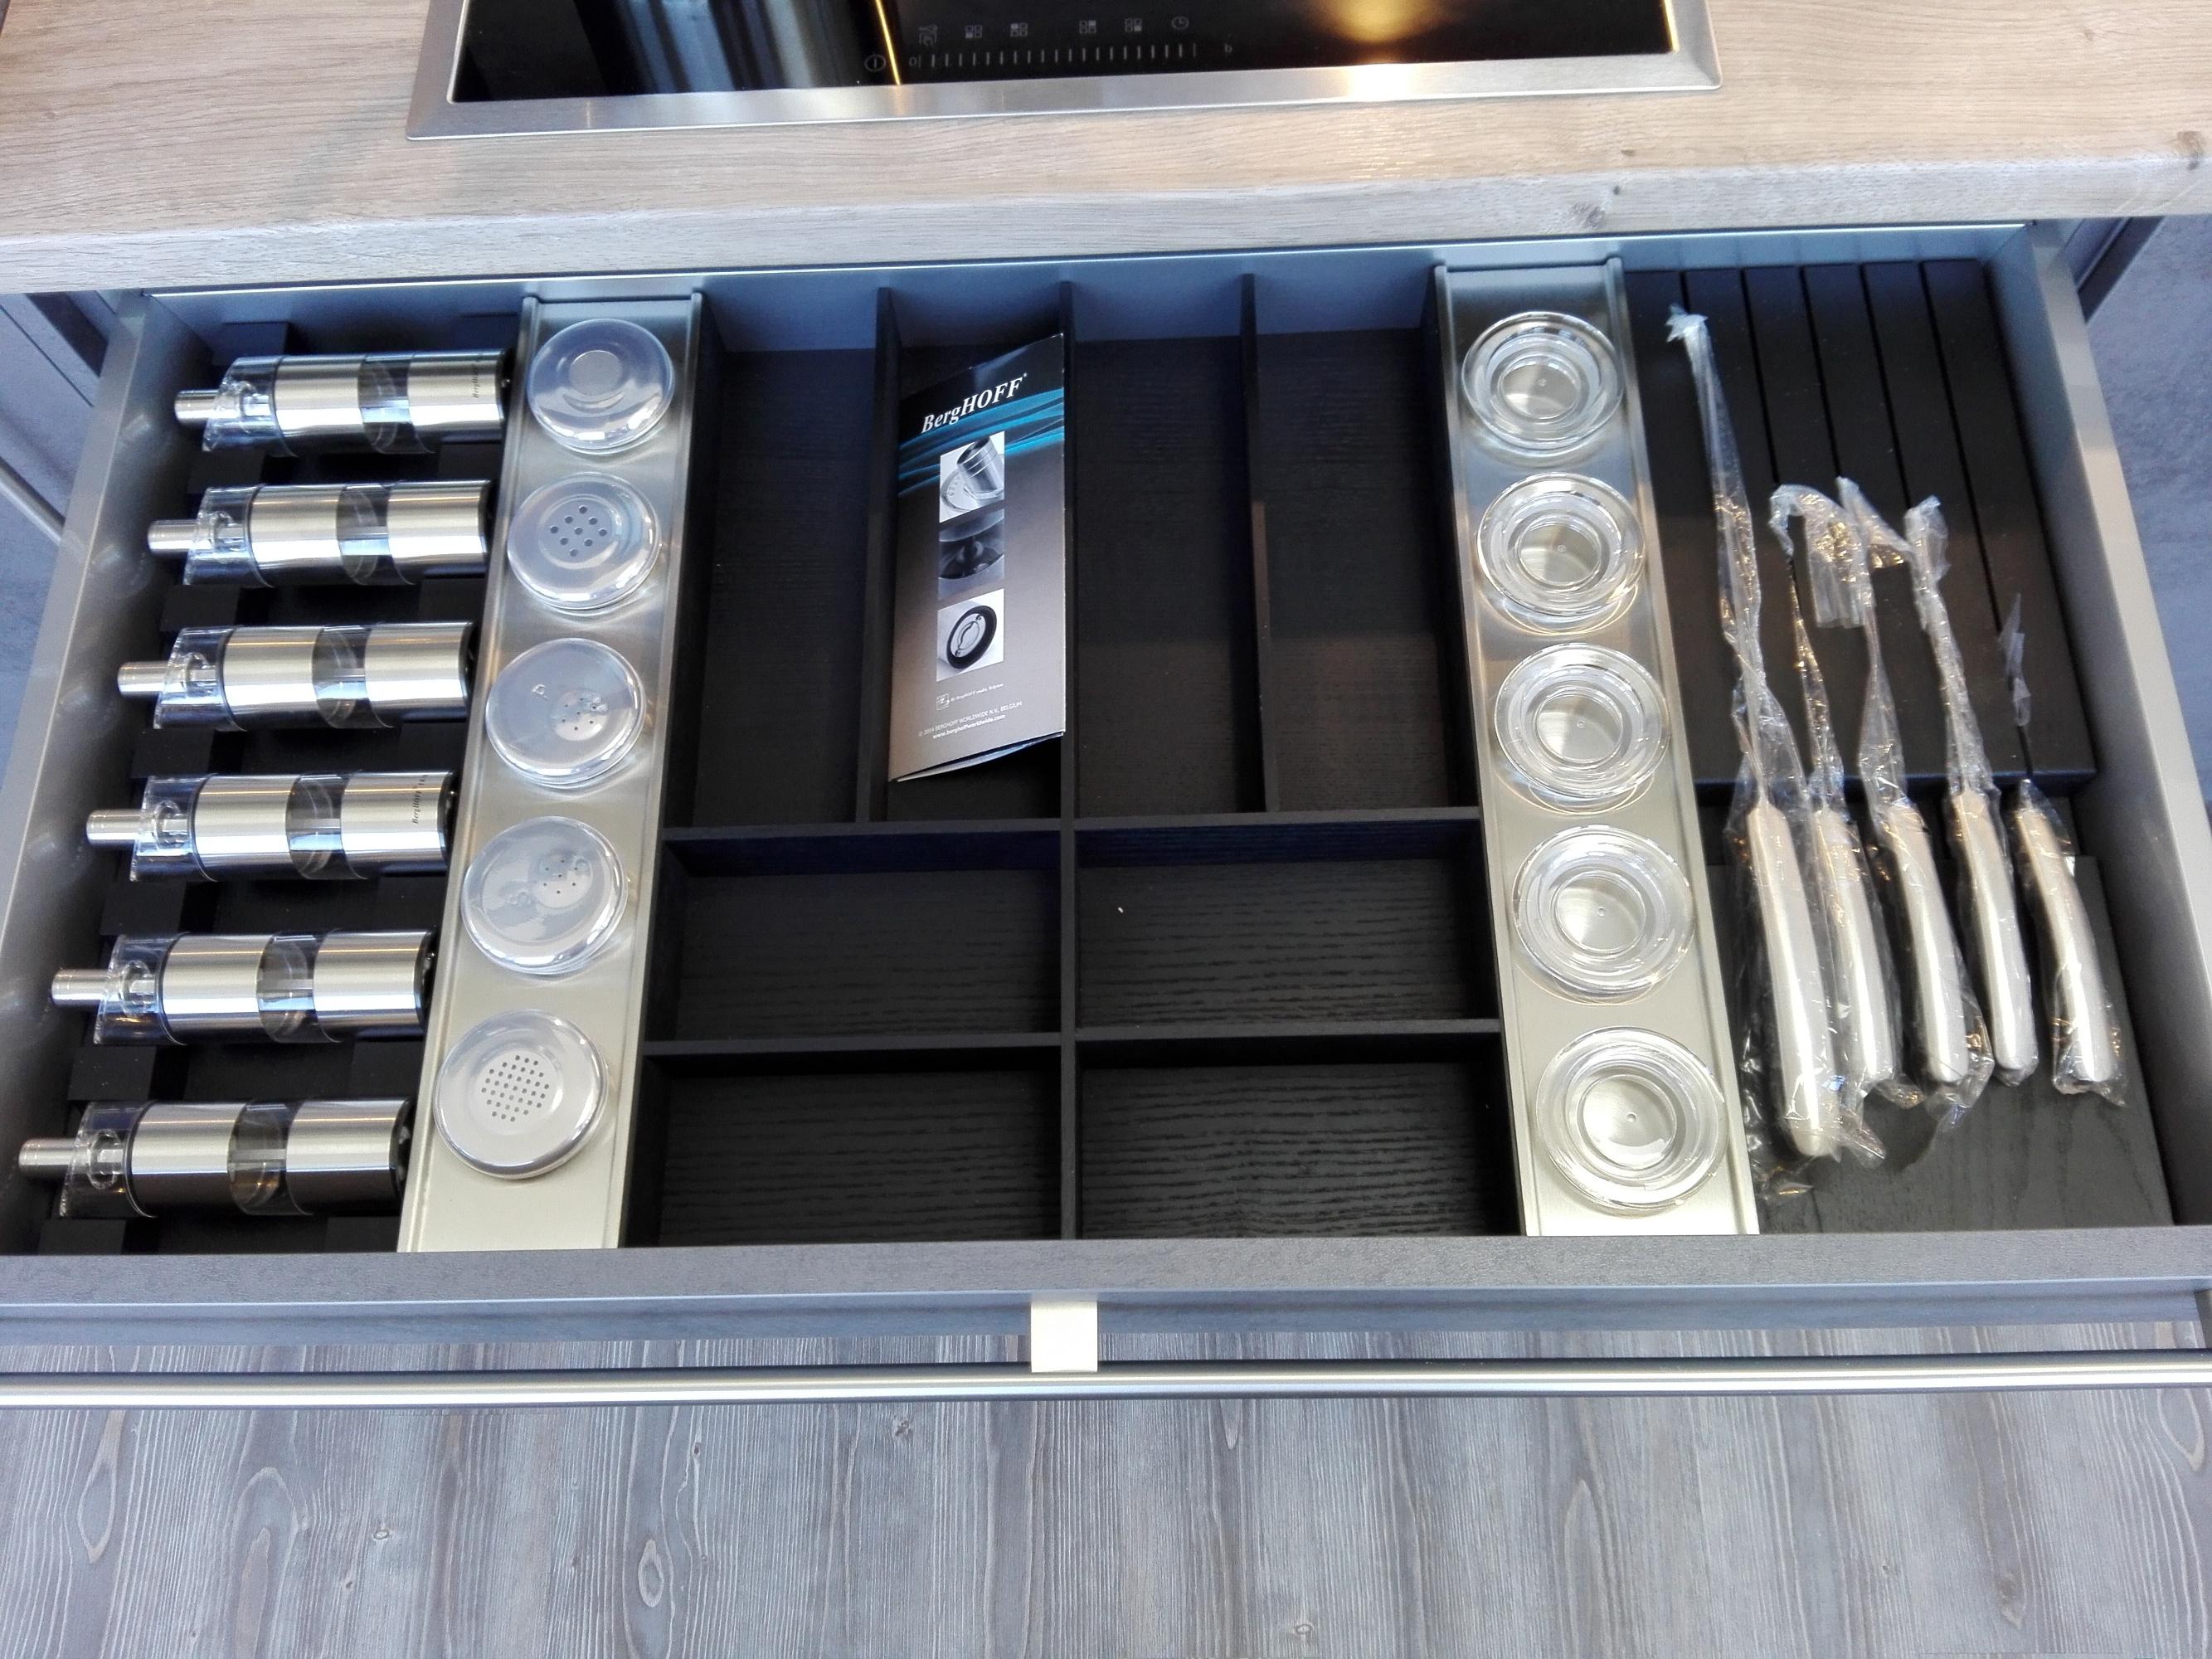 Küche 4 - Besteckeinsatz mit Gewürzmühlen, Gewürzdosen und Messerblock